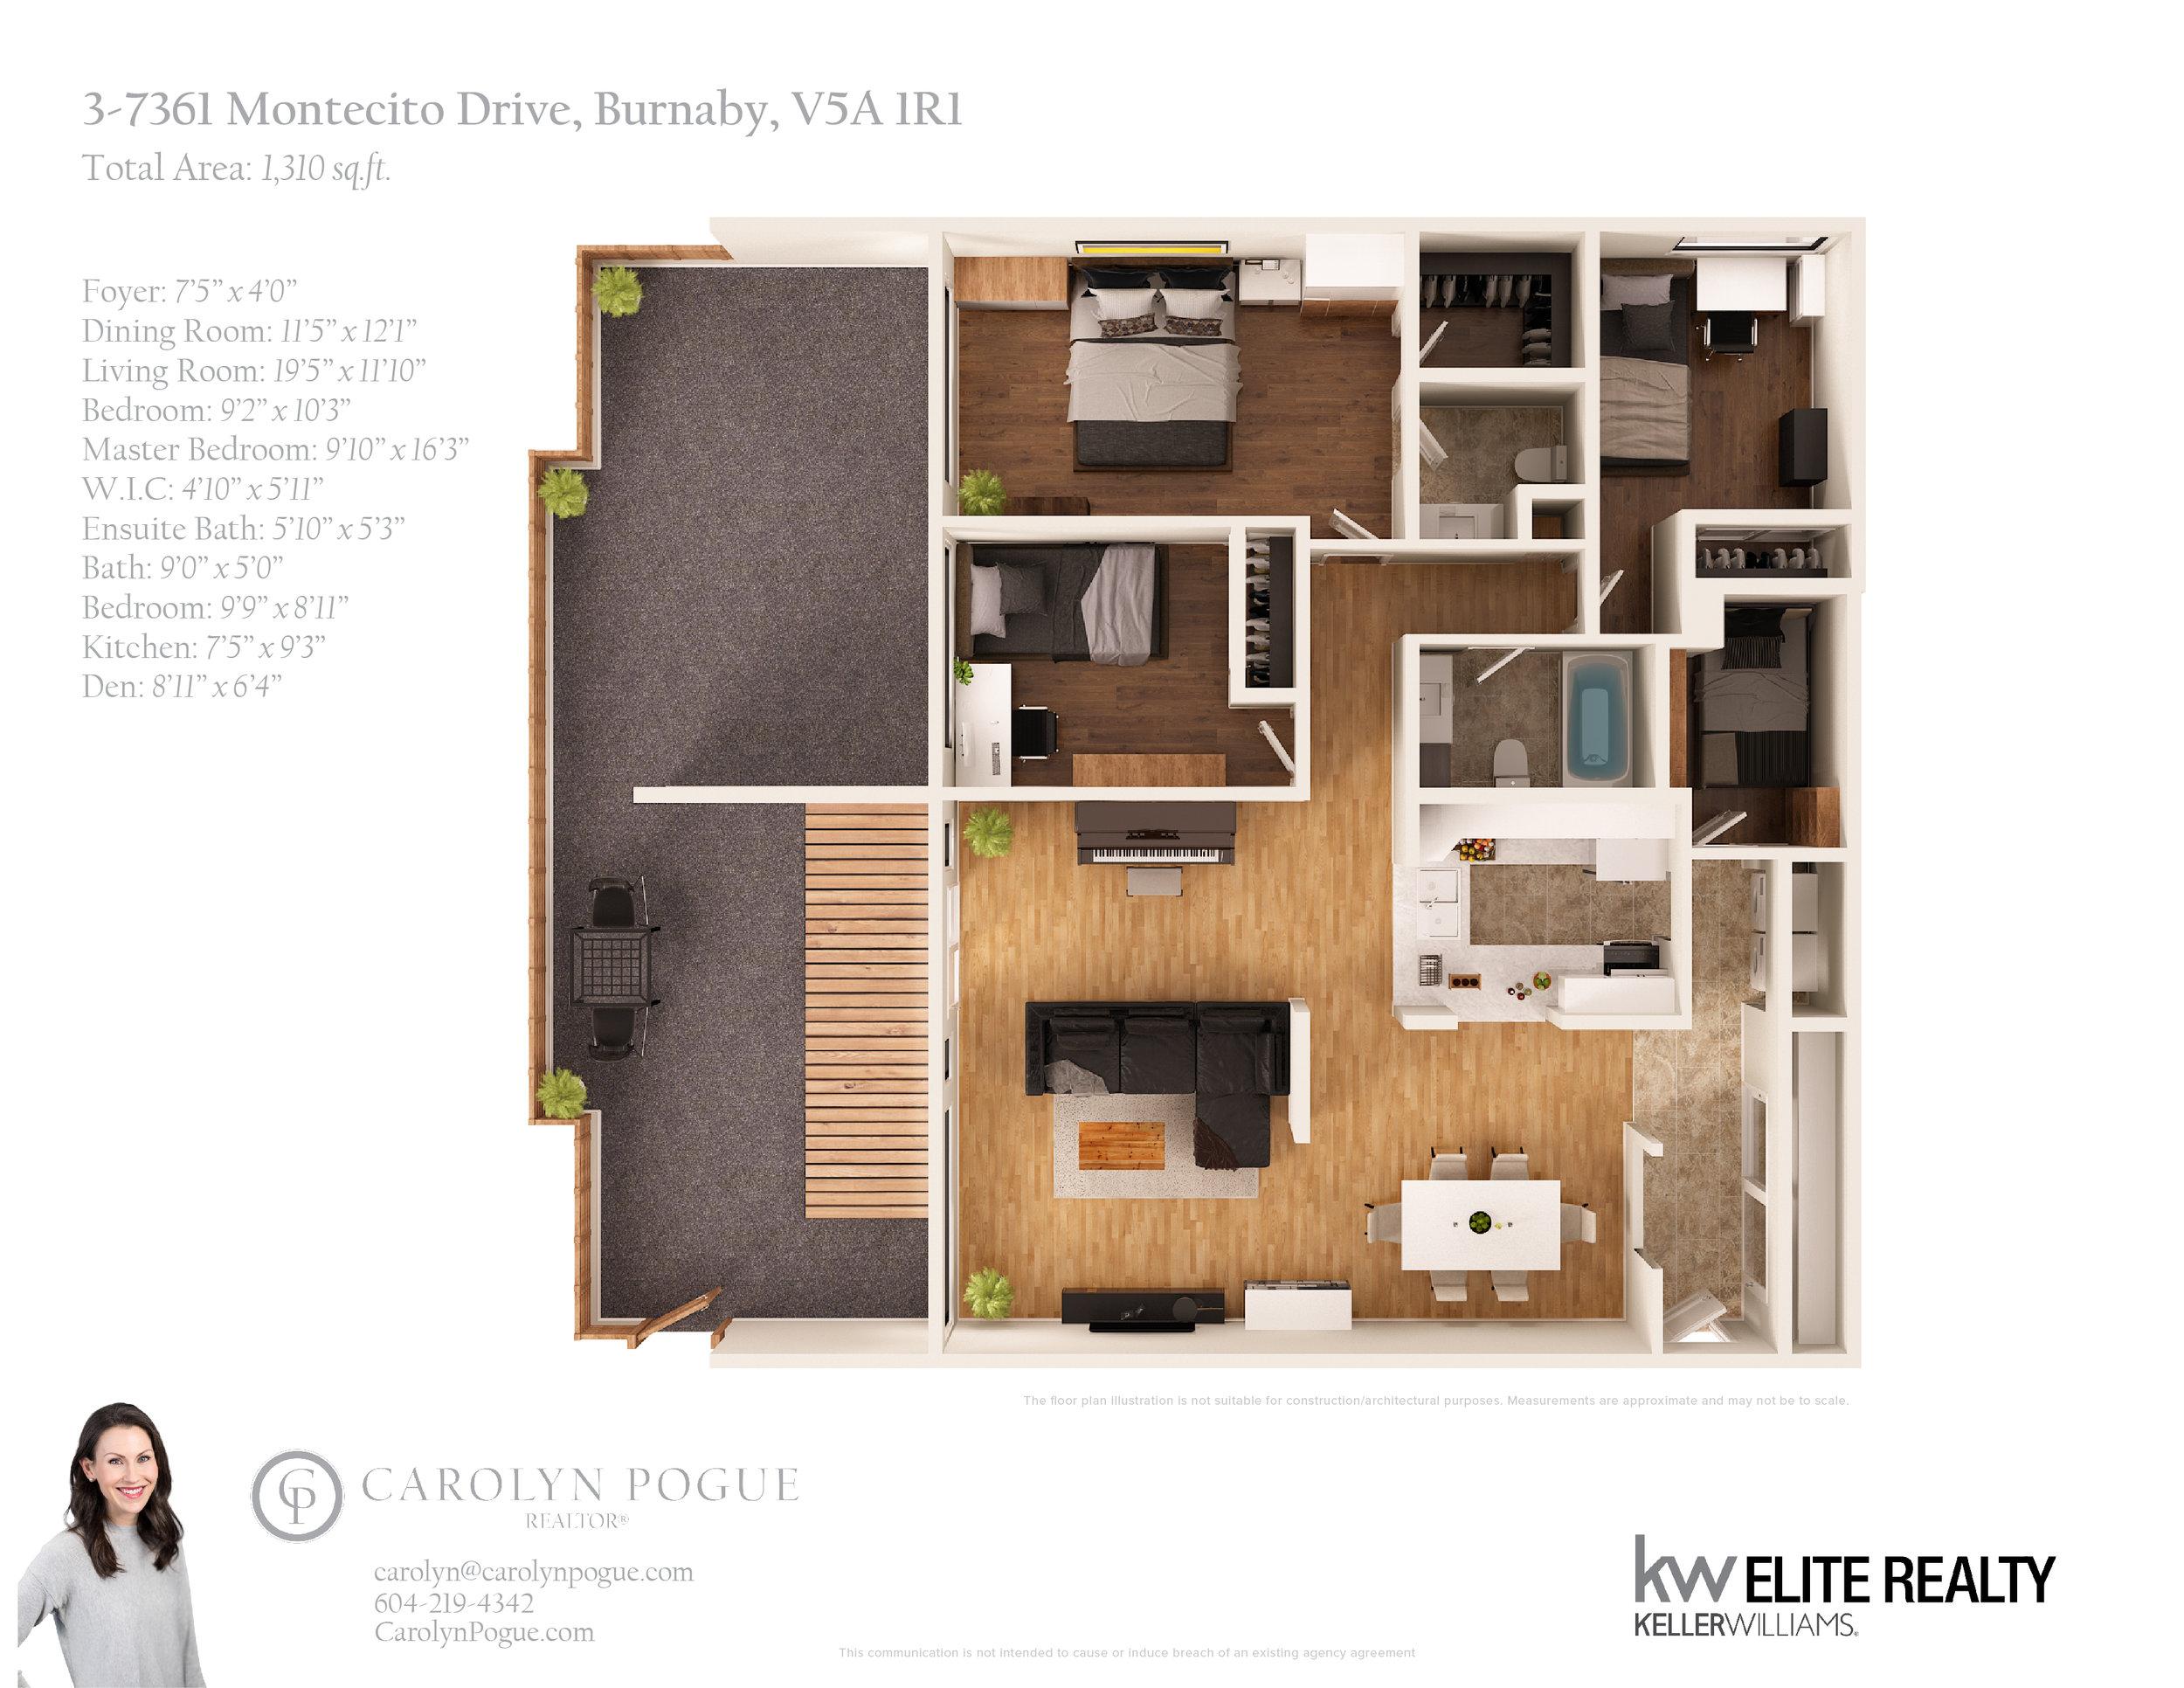 3-7361 Montecito Drive - Branded 3D Floor Plan.jpg